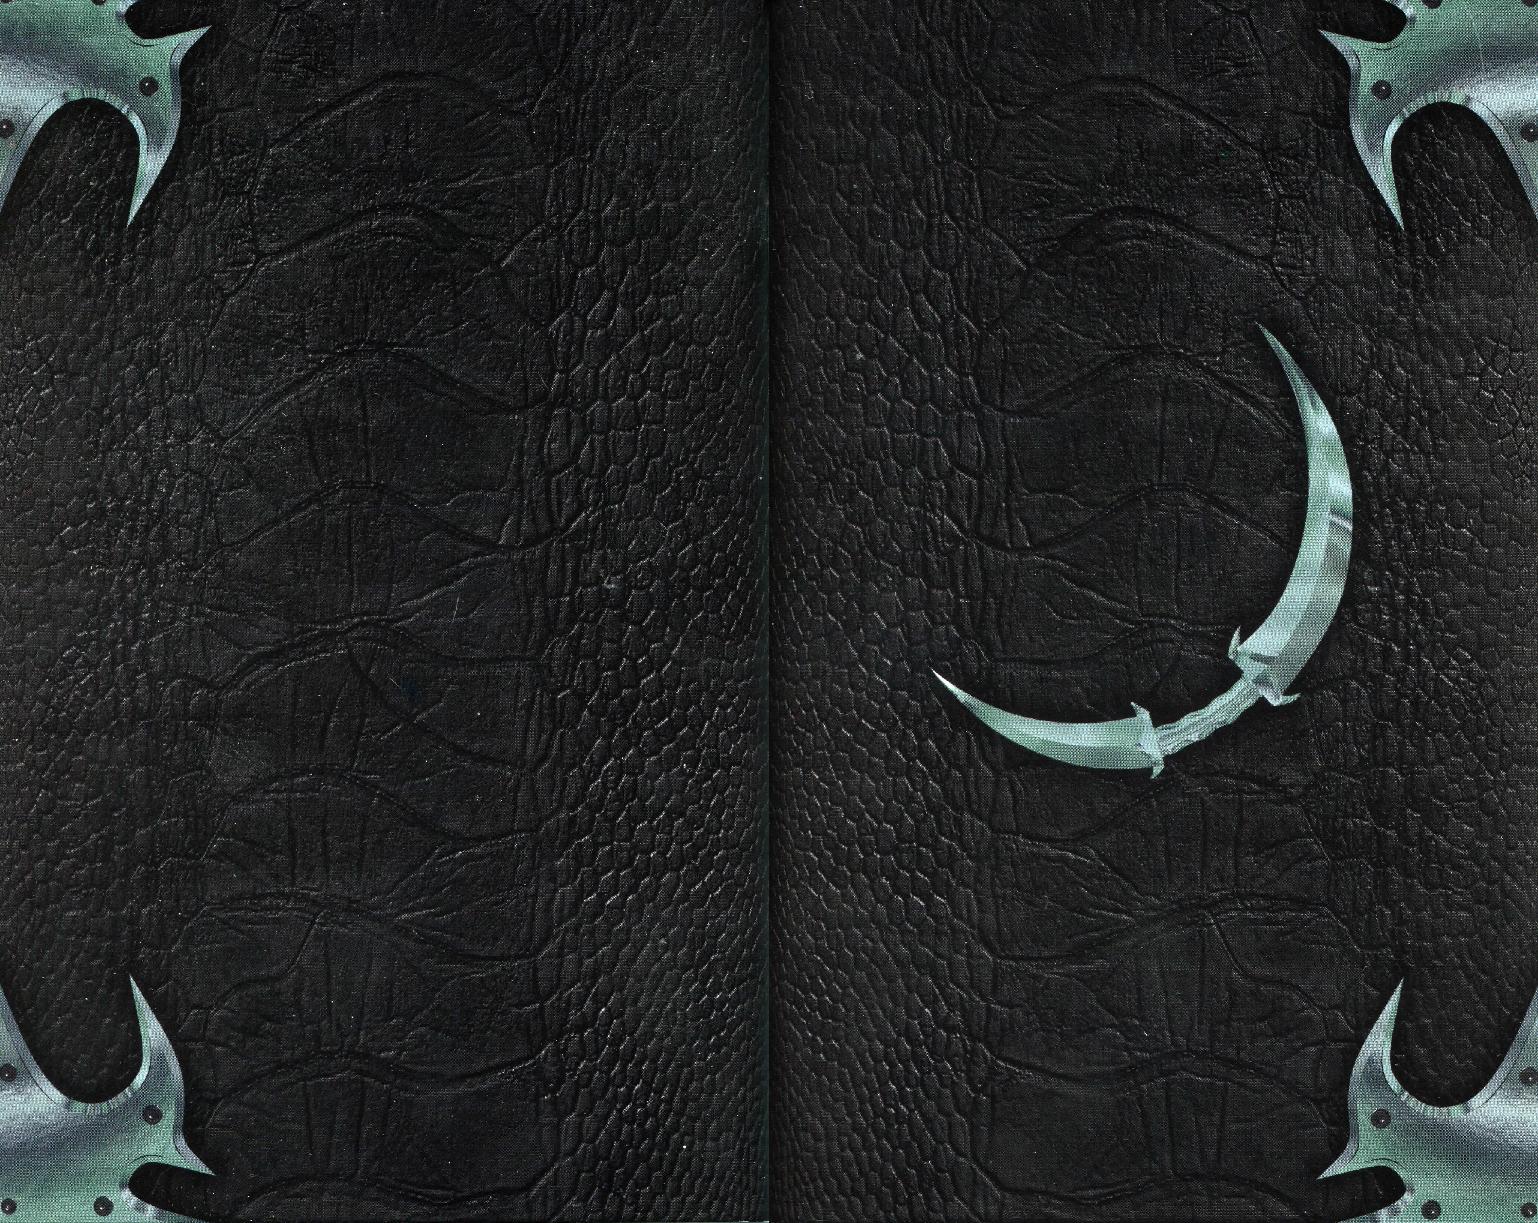 An Elder Scrolls Legend: Battlespire User's Guide